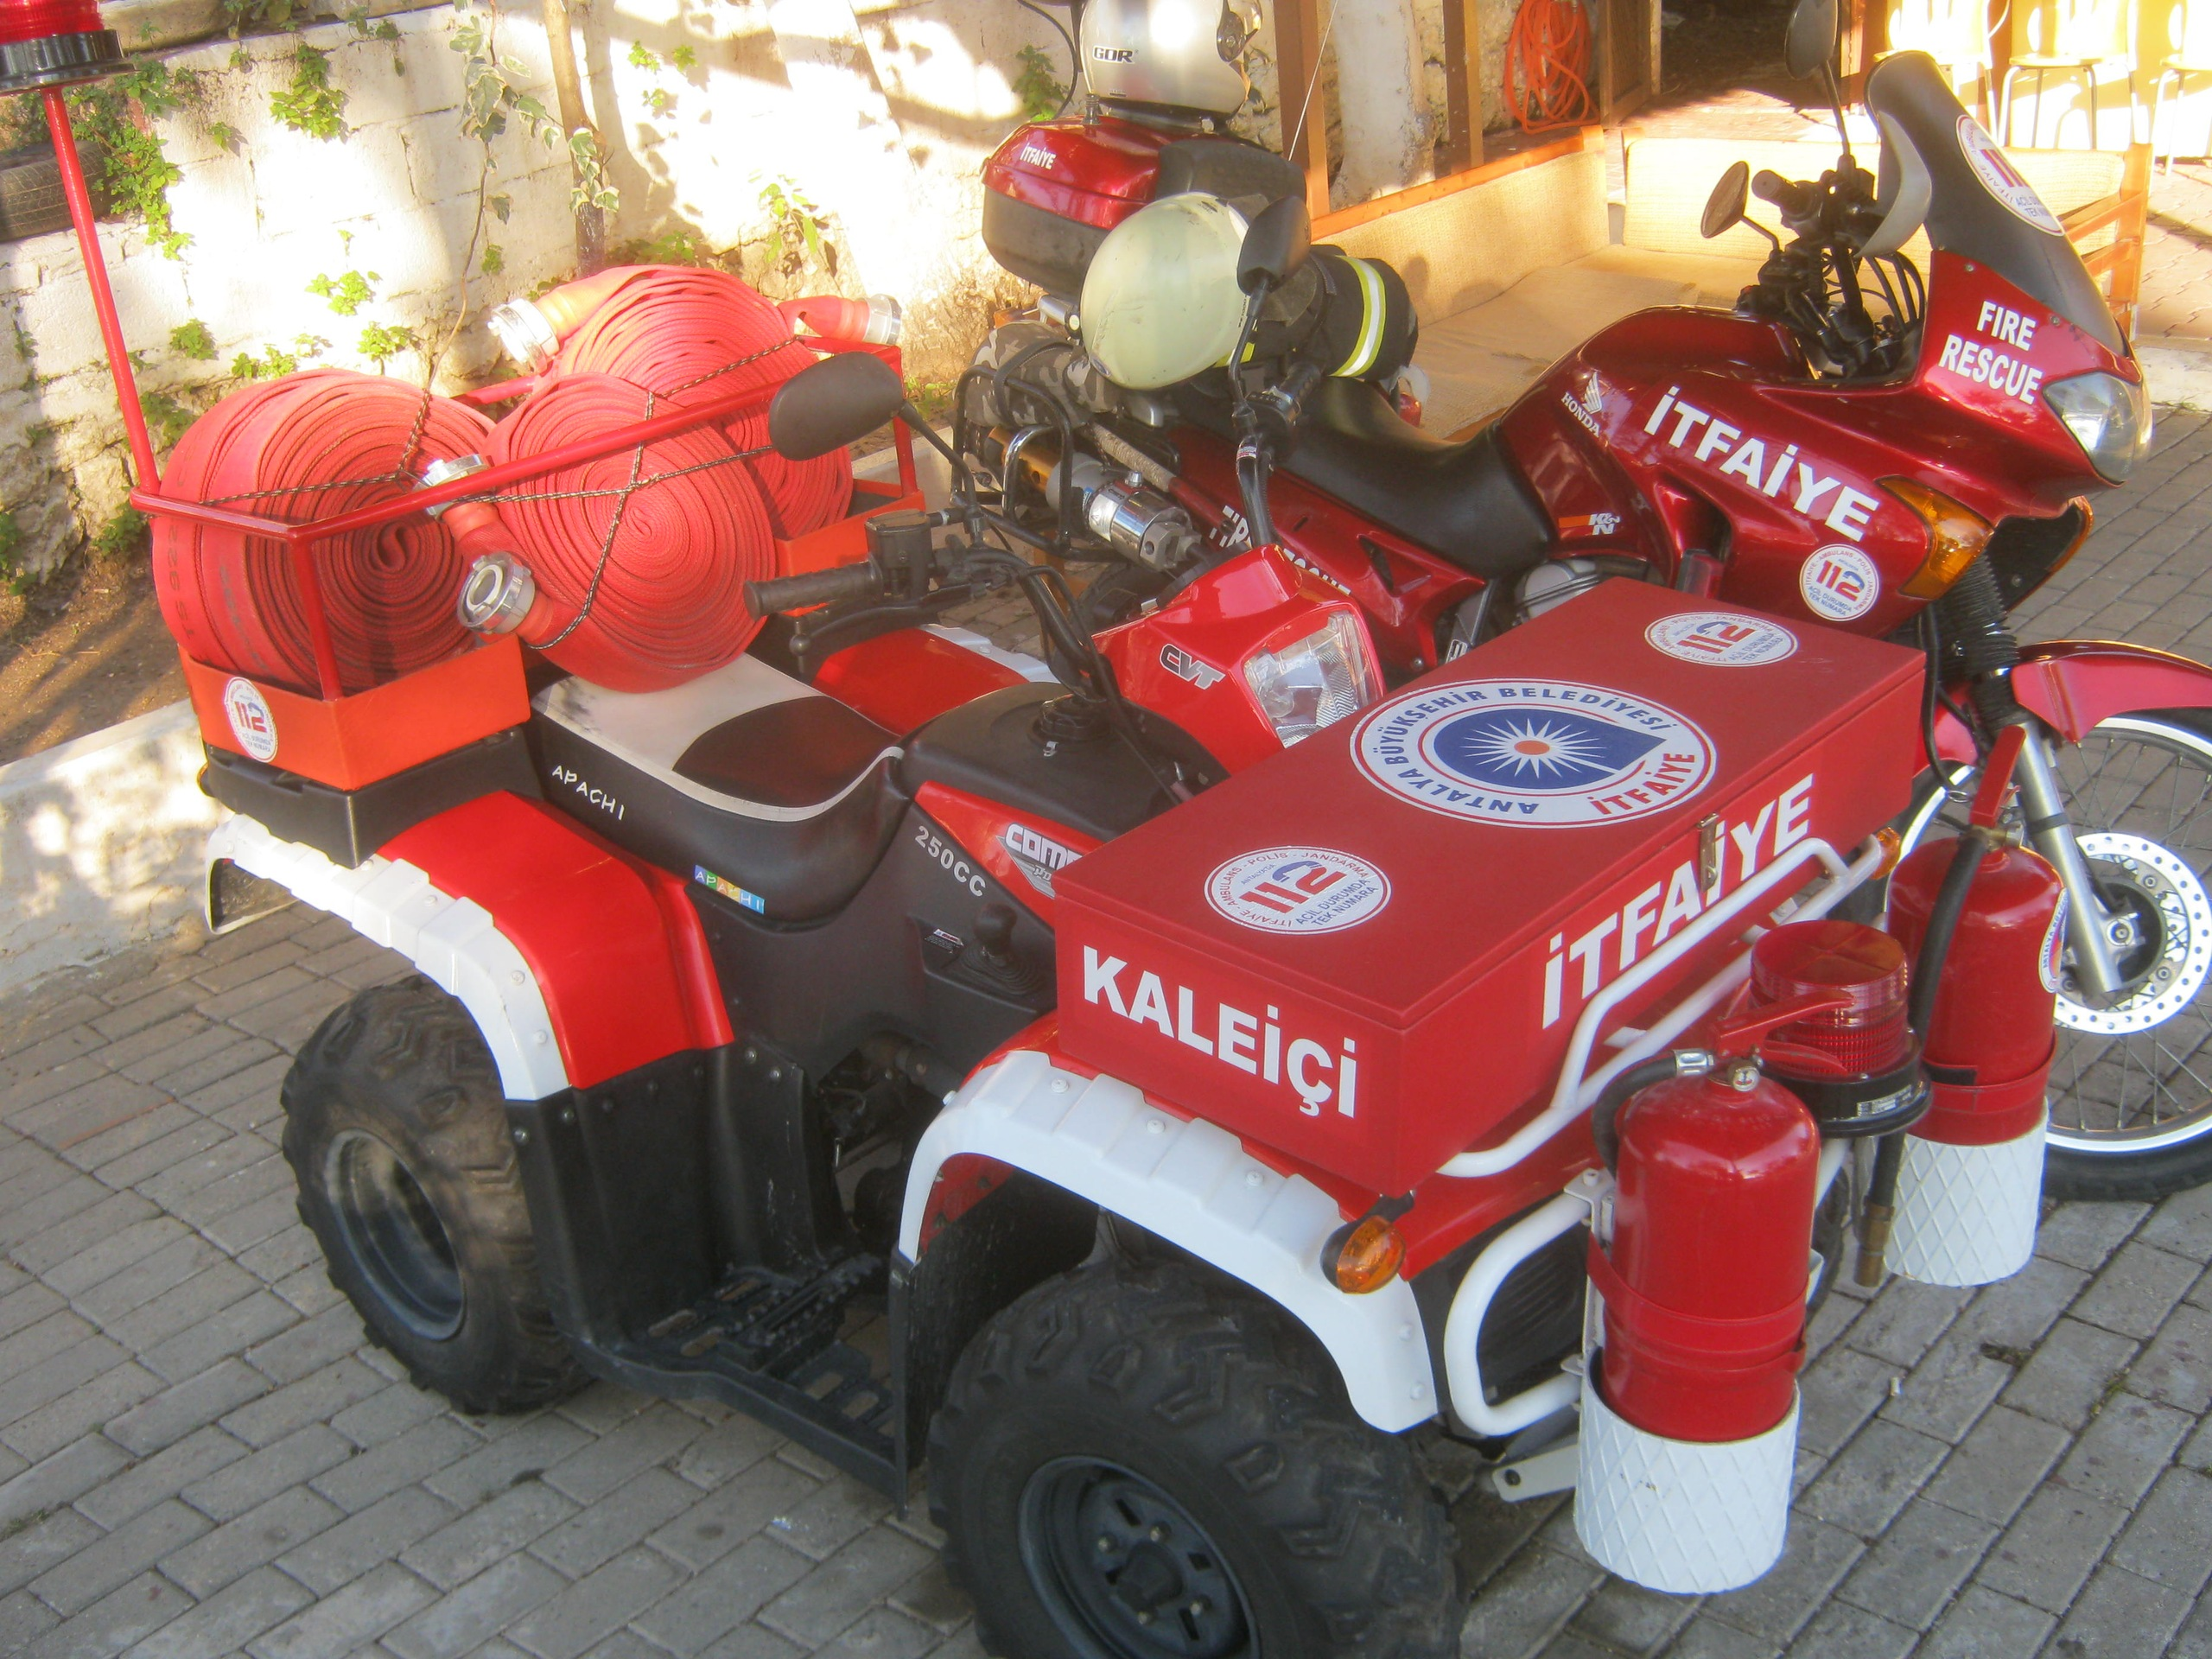 Мини-пожарные машины в Турции